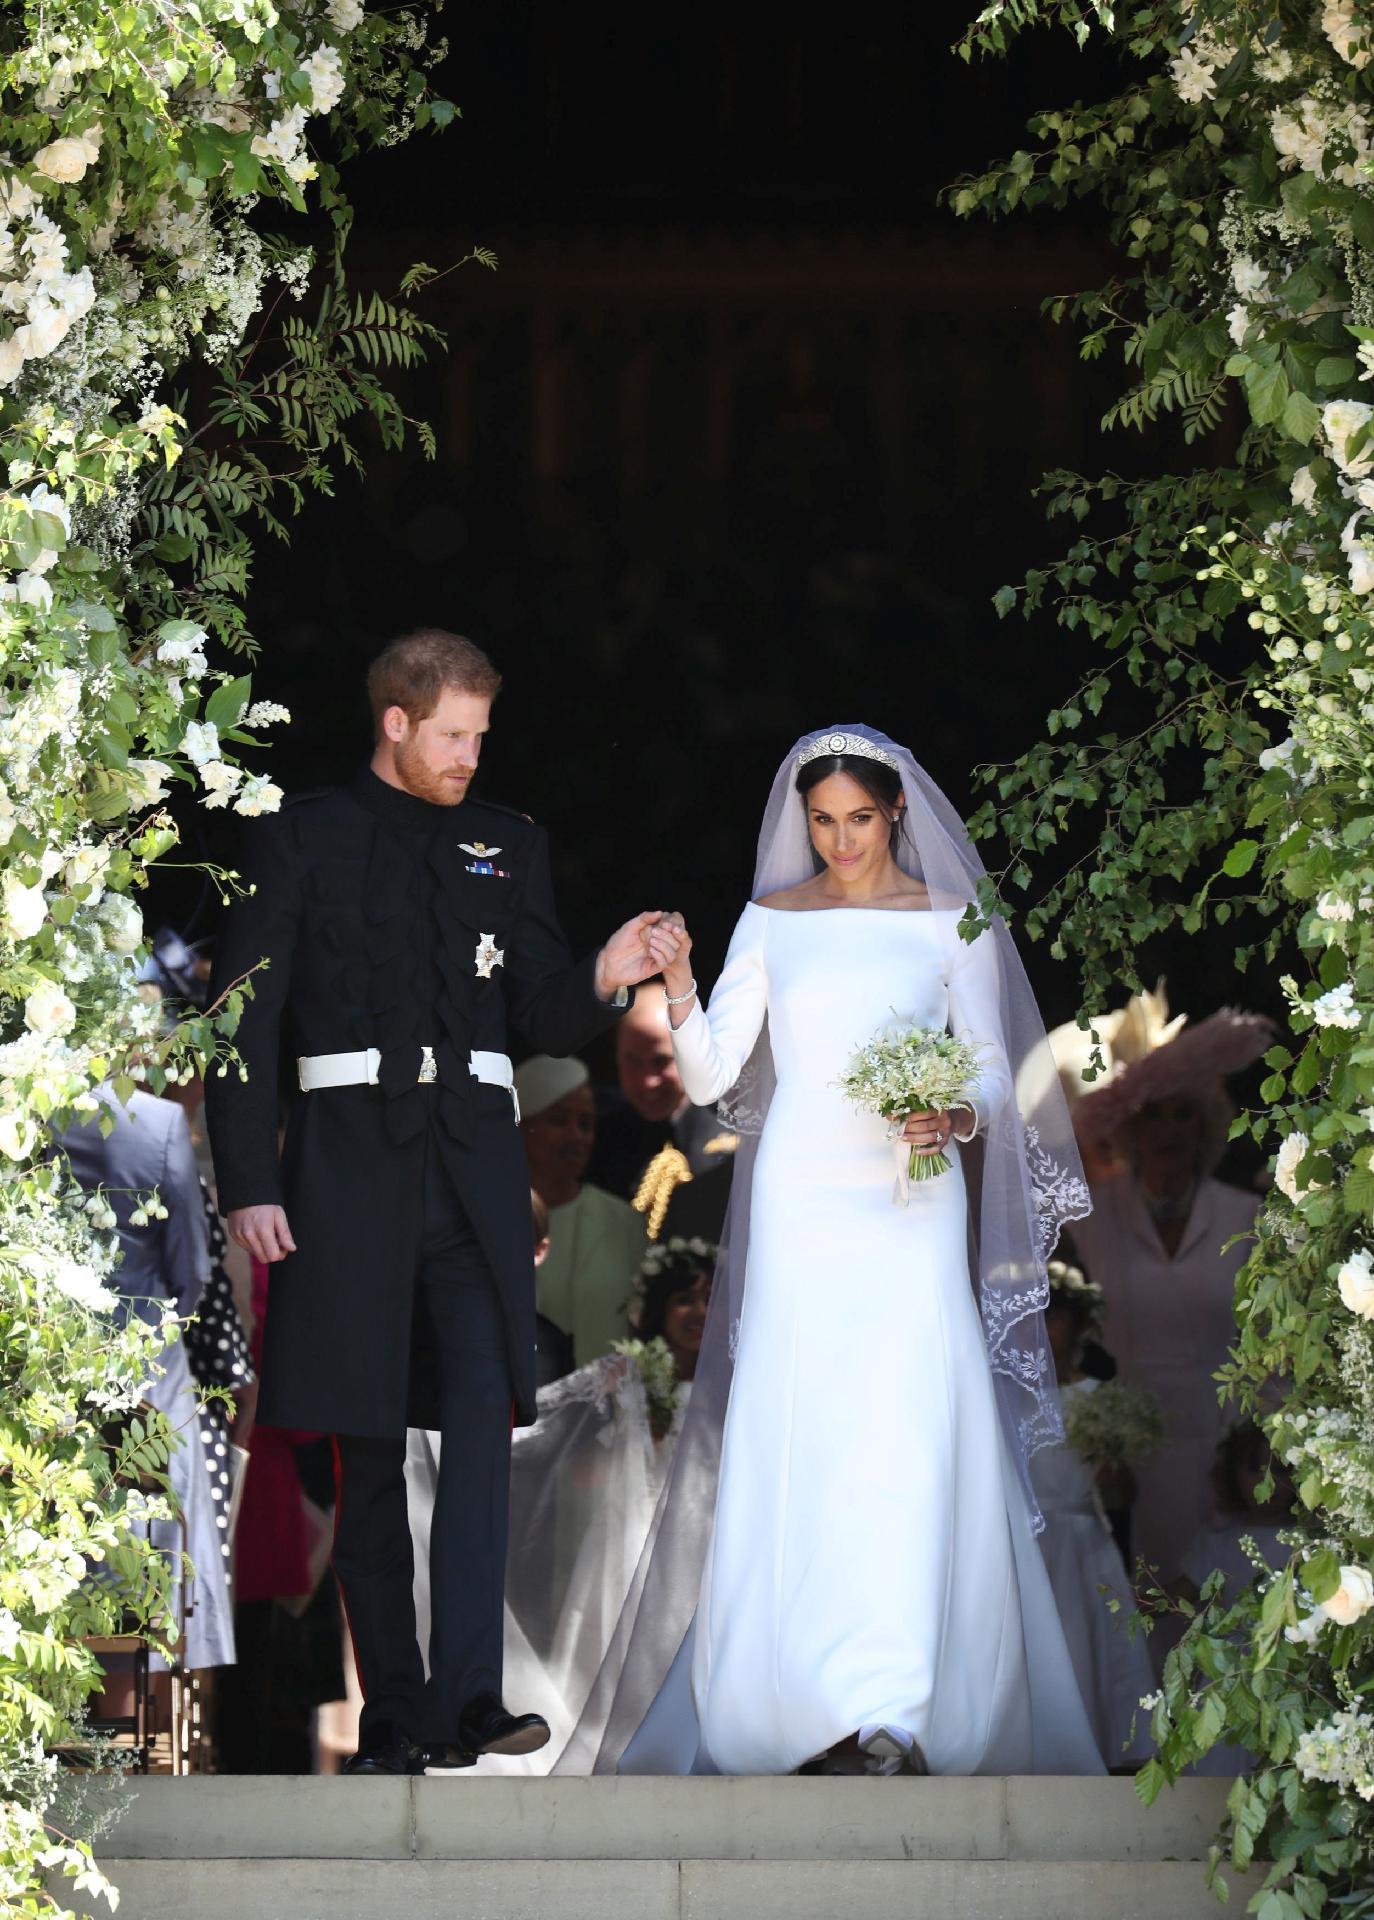 914c4ae1d49d Casamento real de Harry e Meghan - Notícias - BOL